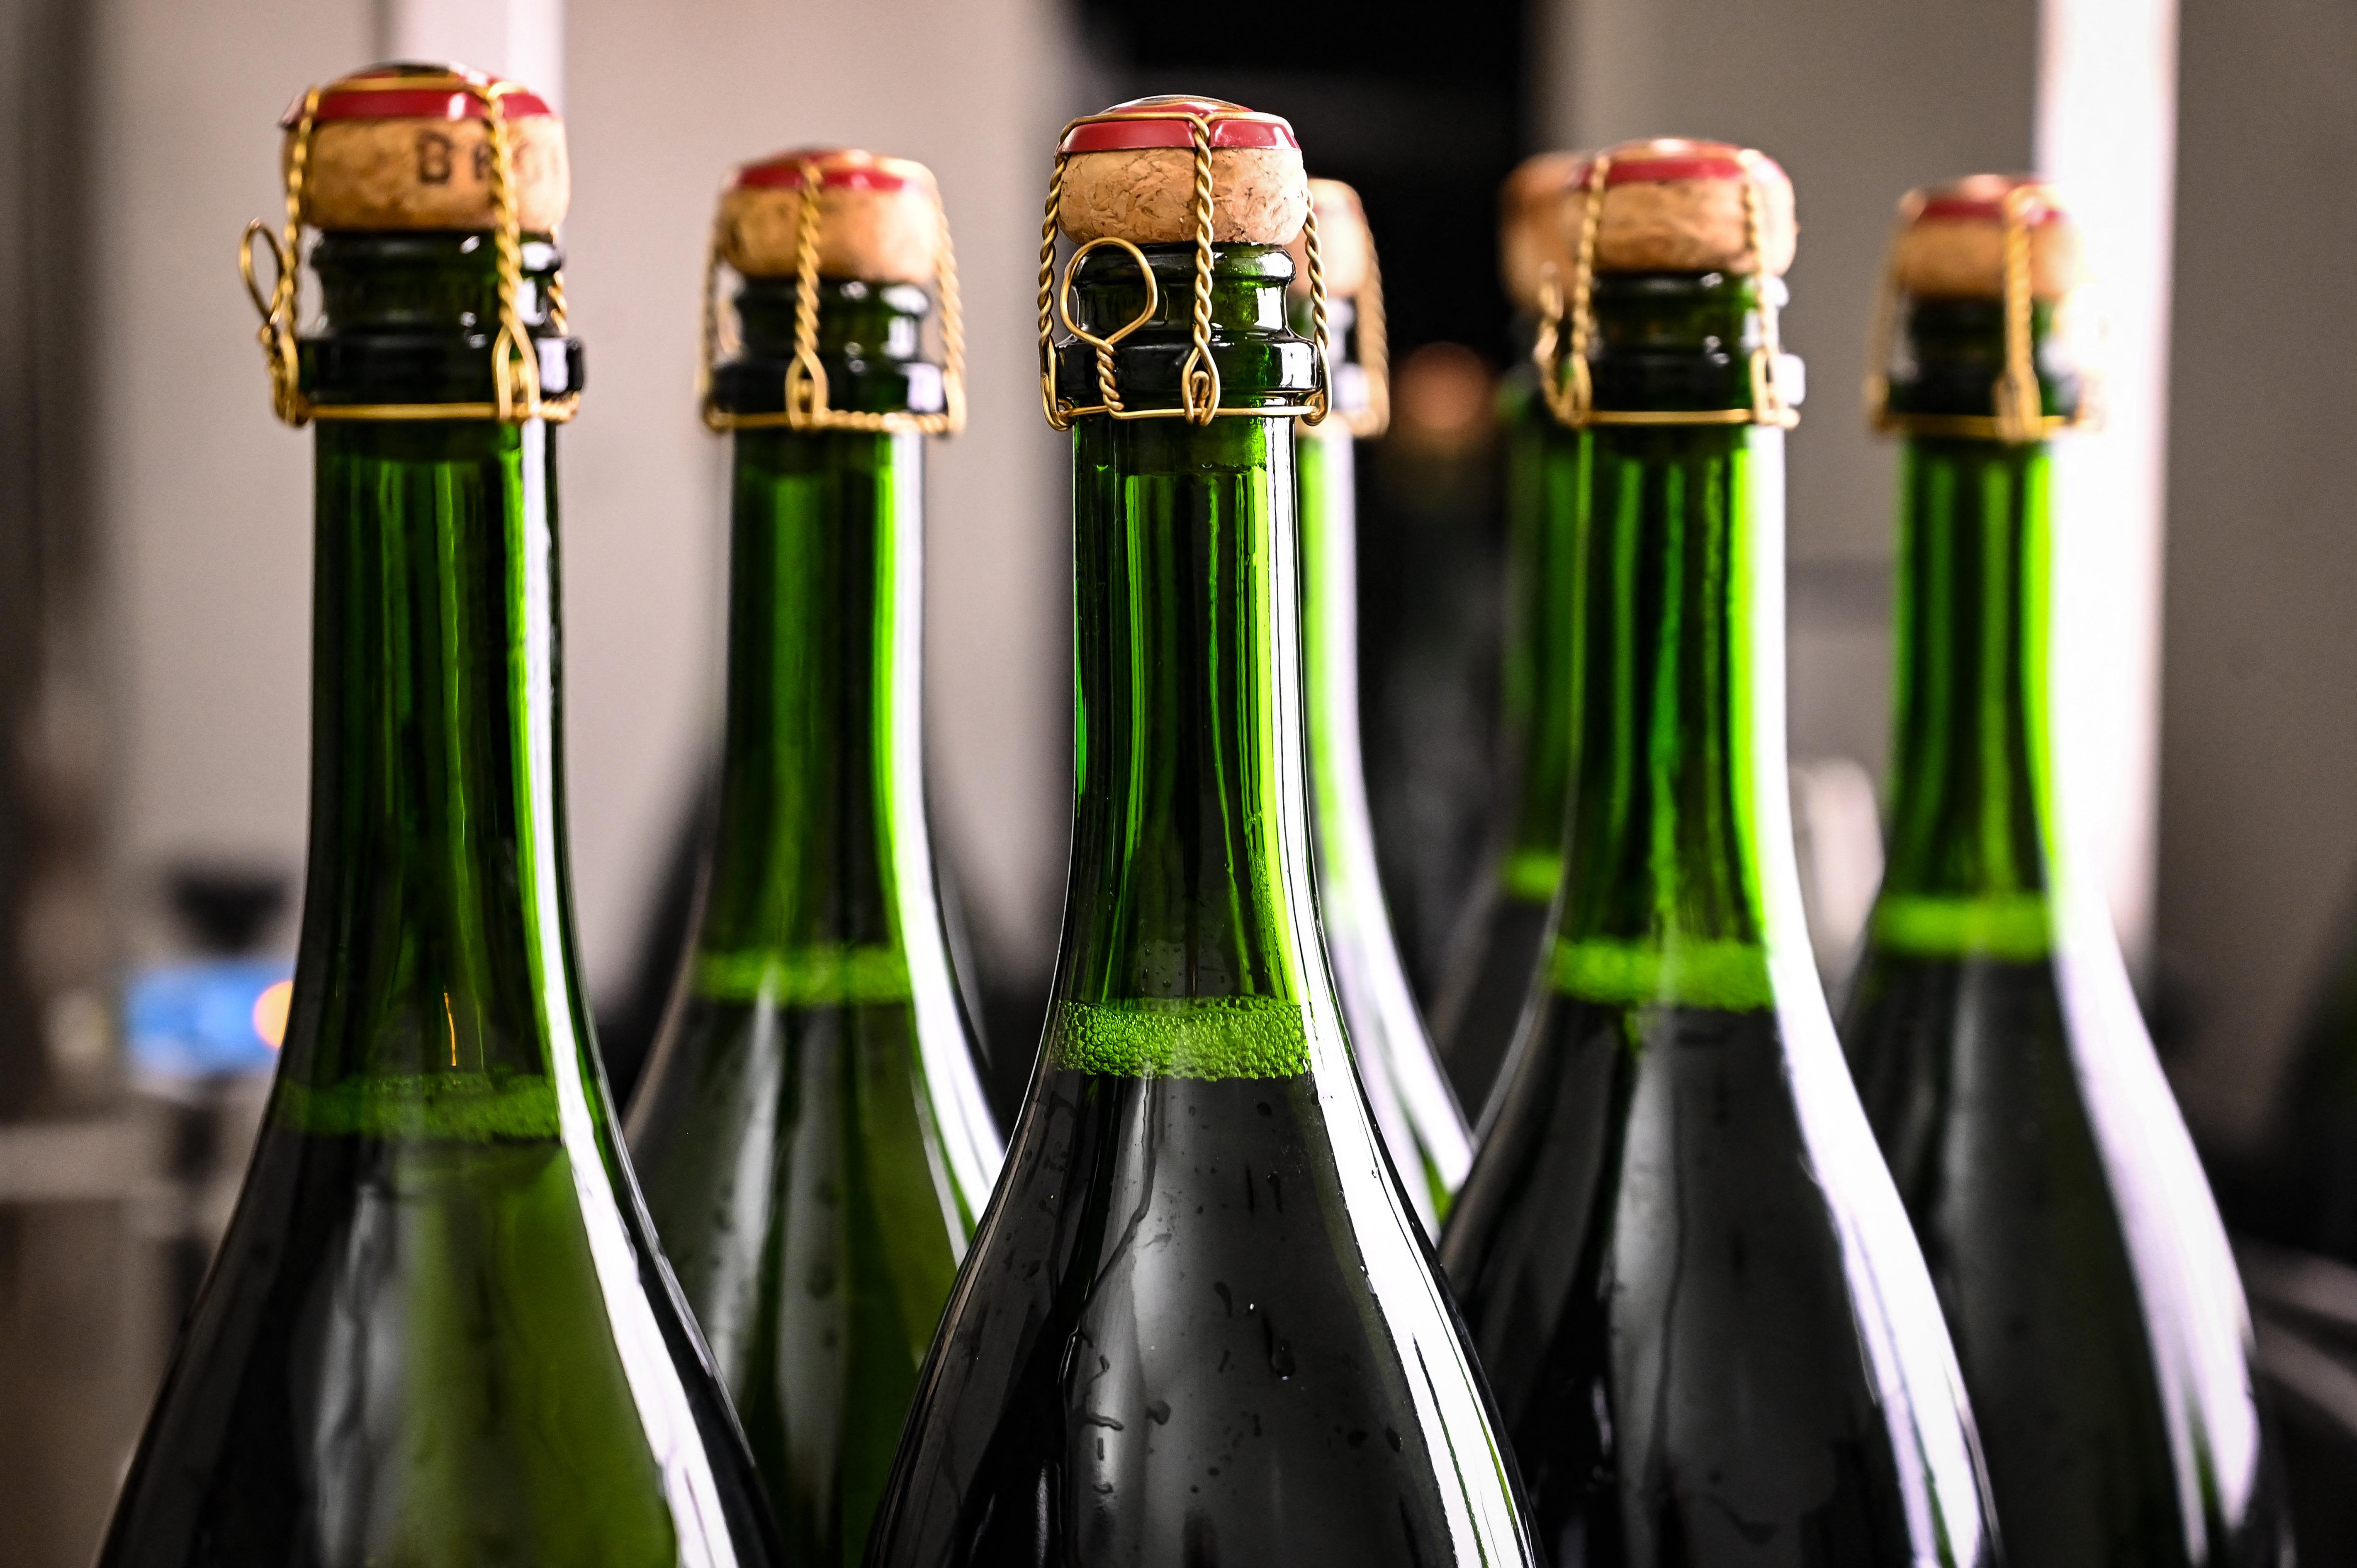 A francia hatóságok elképedtek az orosz törvényen, mely szerint ott csak az orosz gyártmányú pezsgőt lehet pezsgőnek hívni